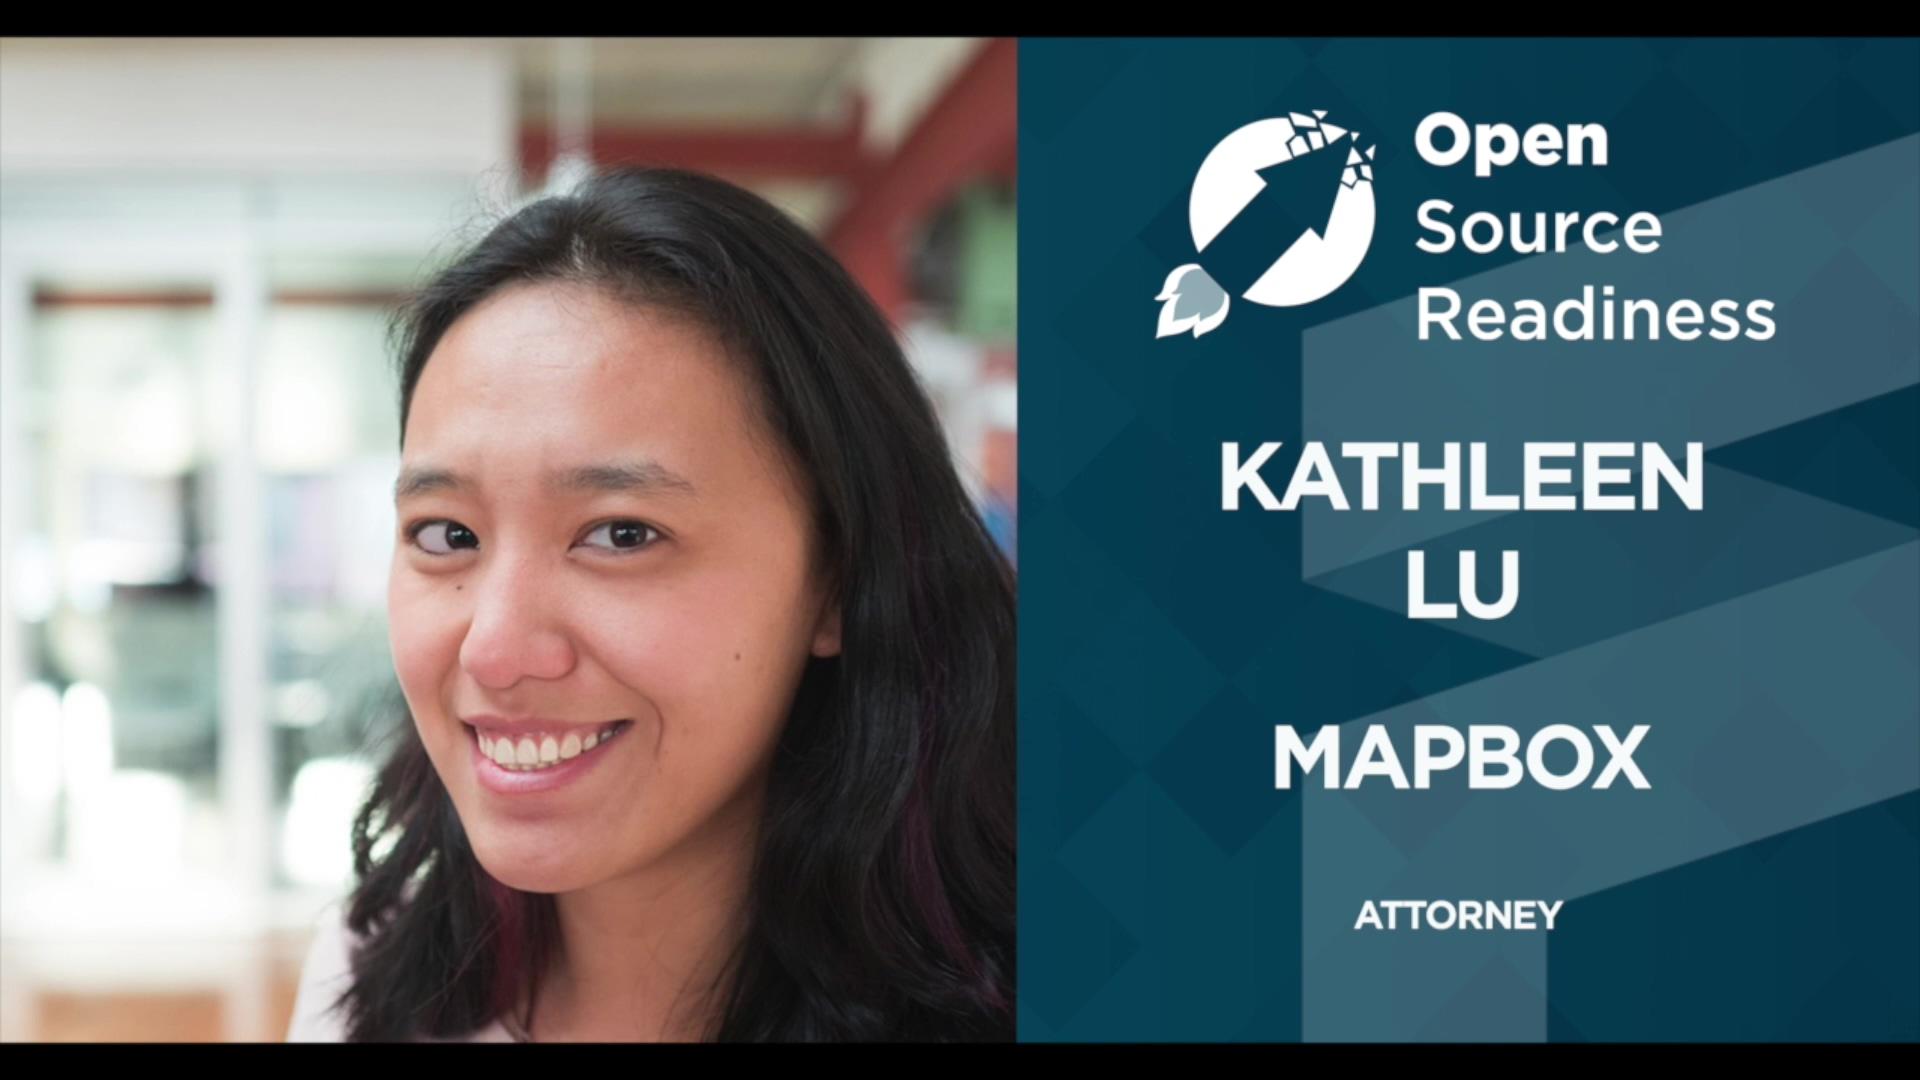 FINOS Open Source Readiness - Kathleen Lu 28 OCT 20